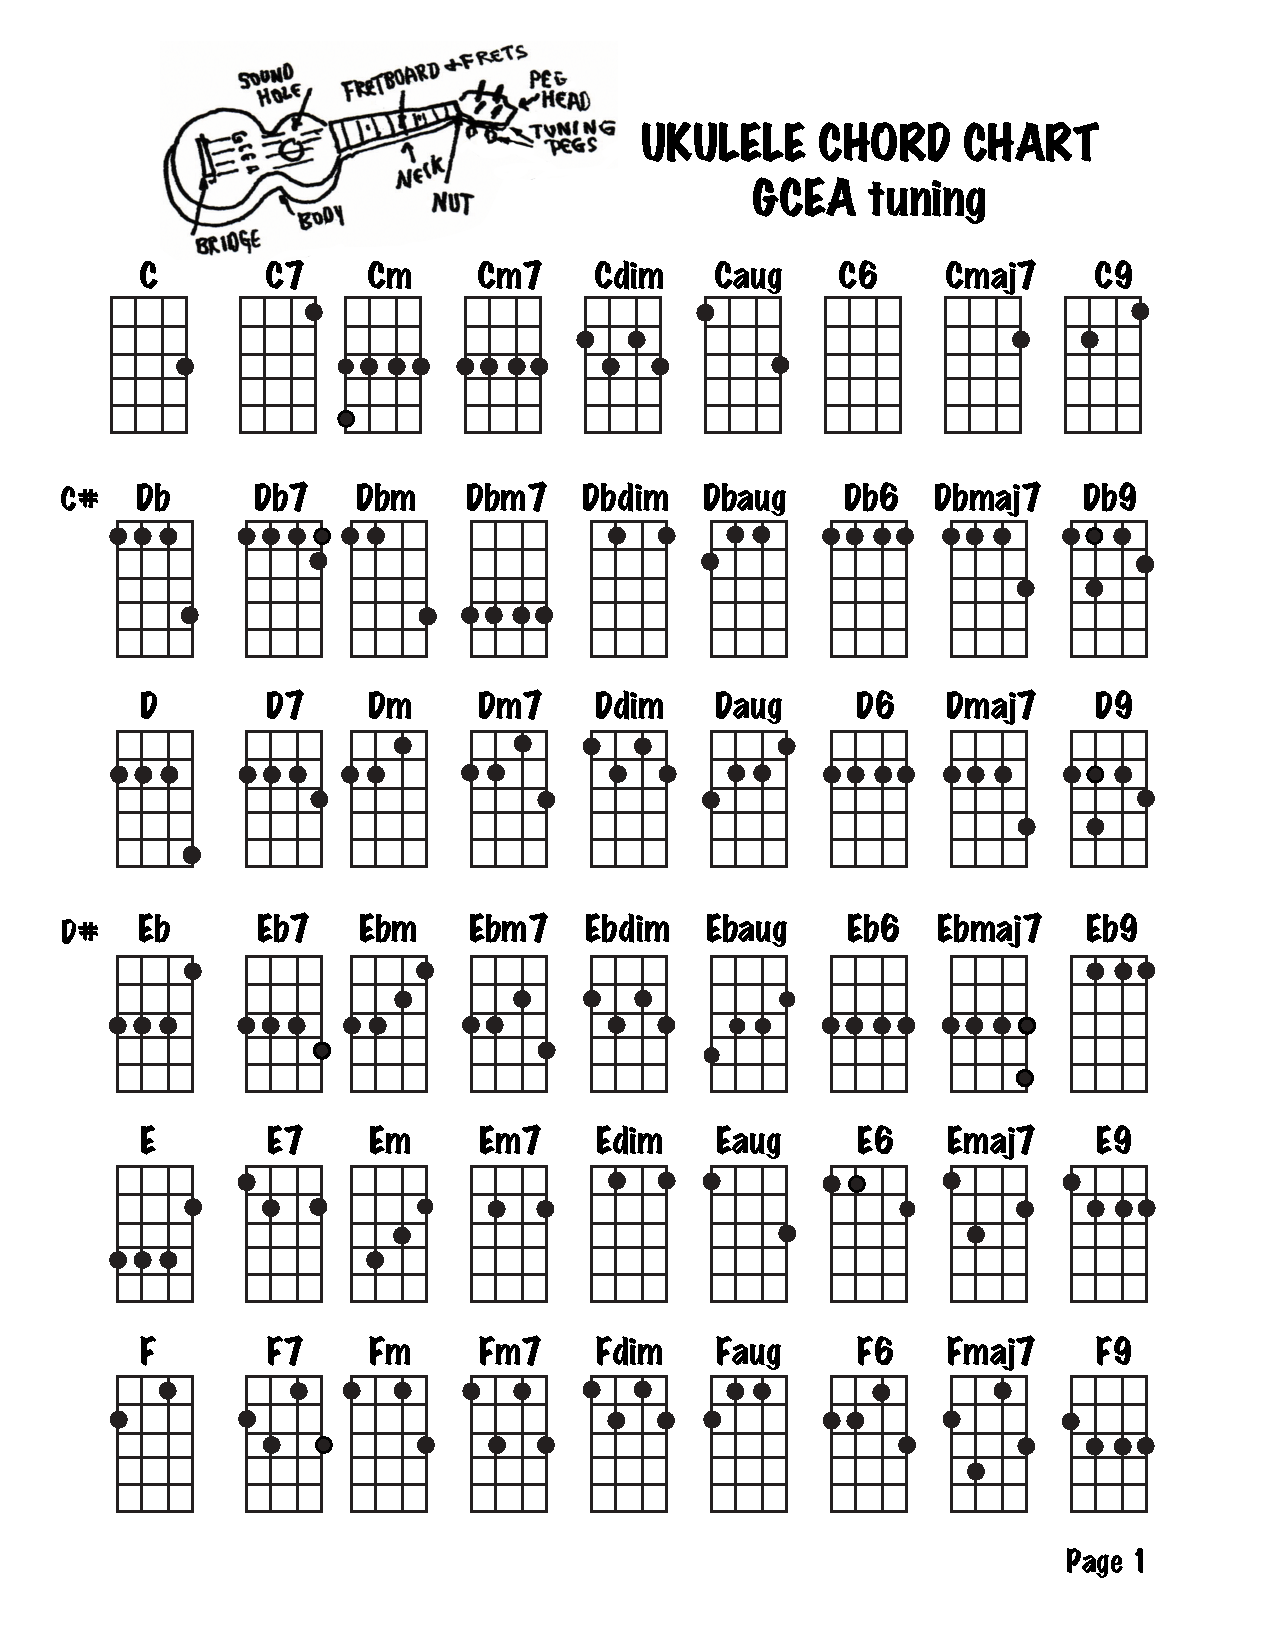 Ukulele soprano chord chart ukulele soprano chord chart lovin ukulele soprano chord chart ukulele soprano chord chart hexwebz Choice Image